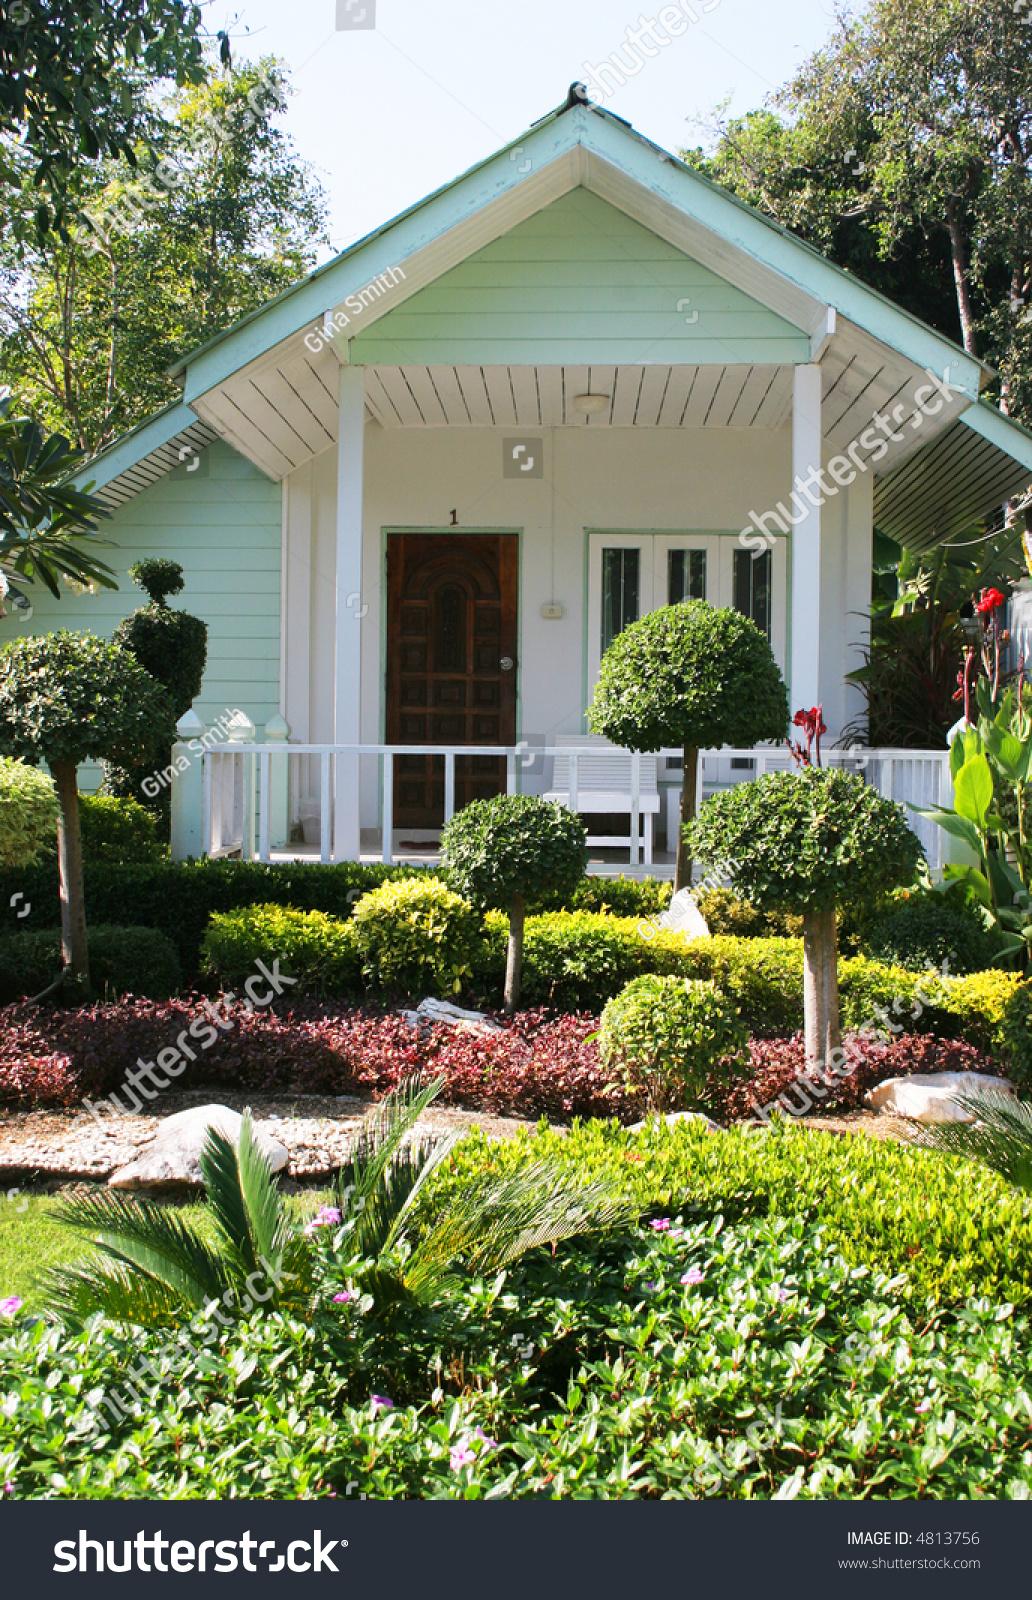 Cute Little House Garden Stock Photo 4813756 - Shutterstock